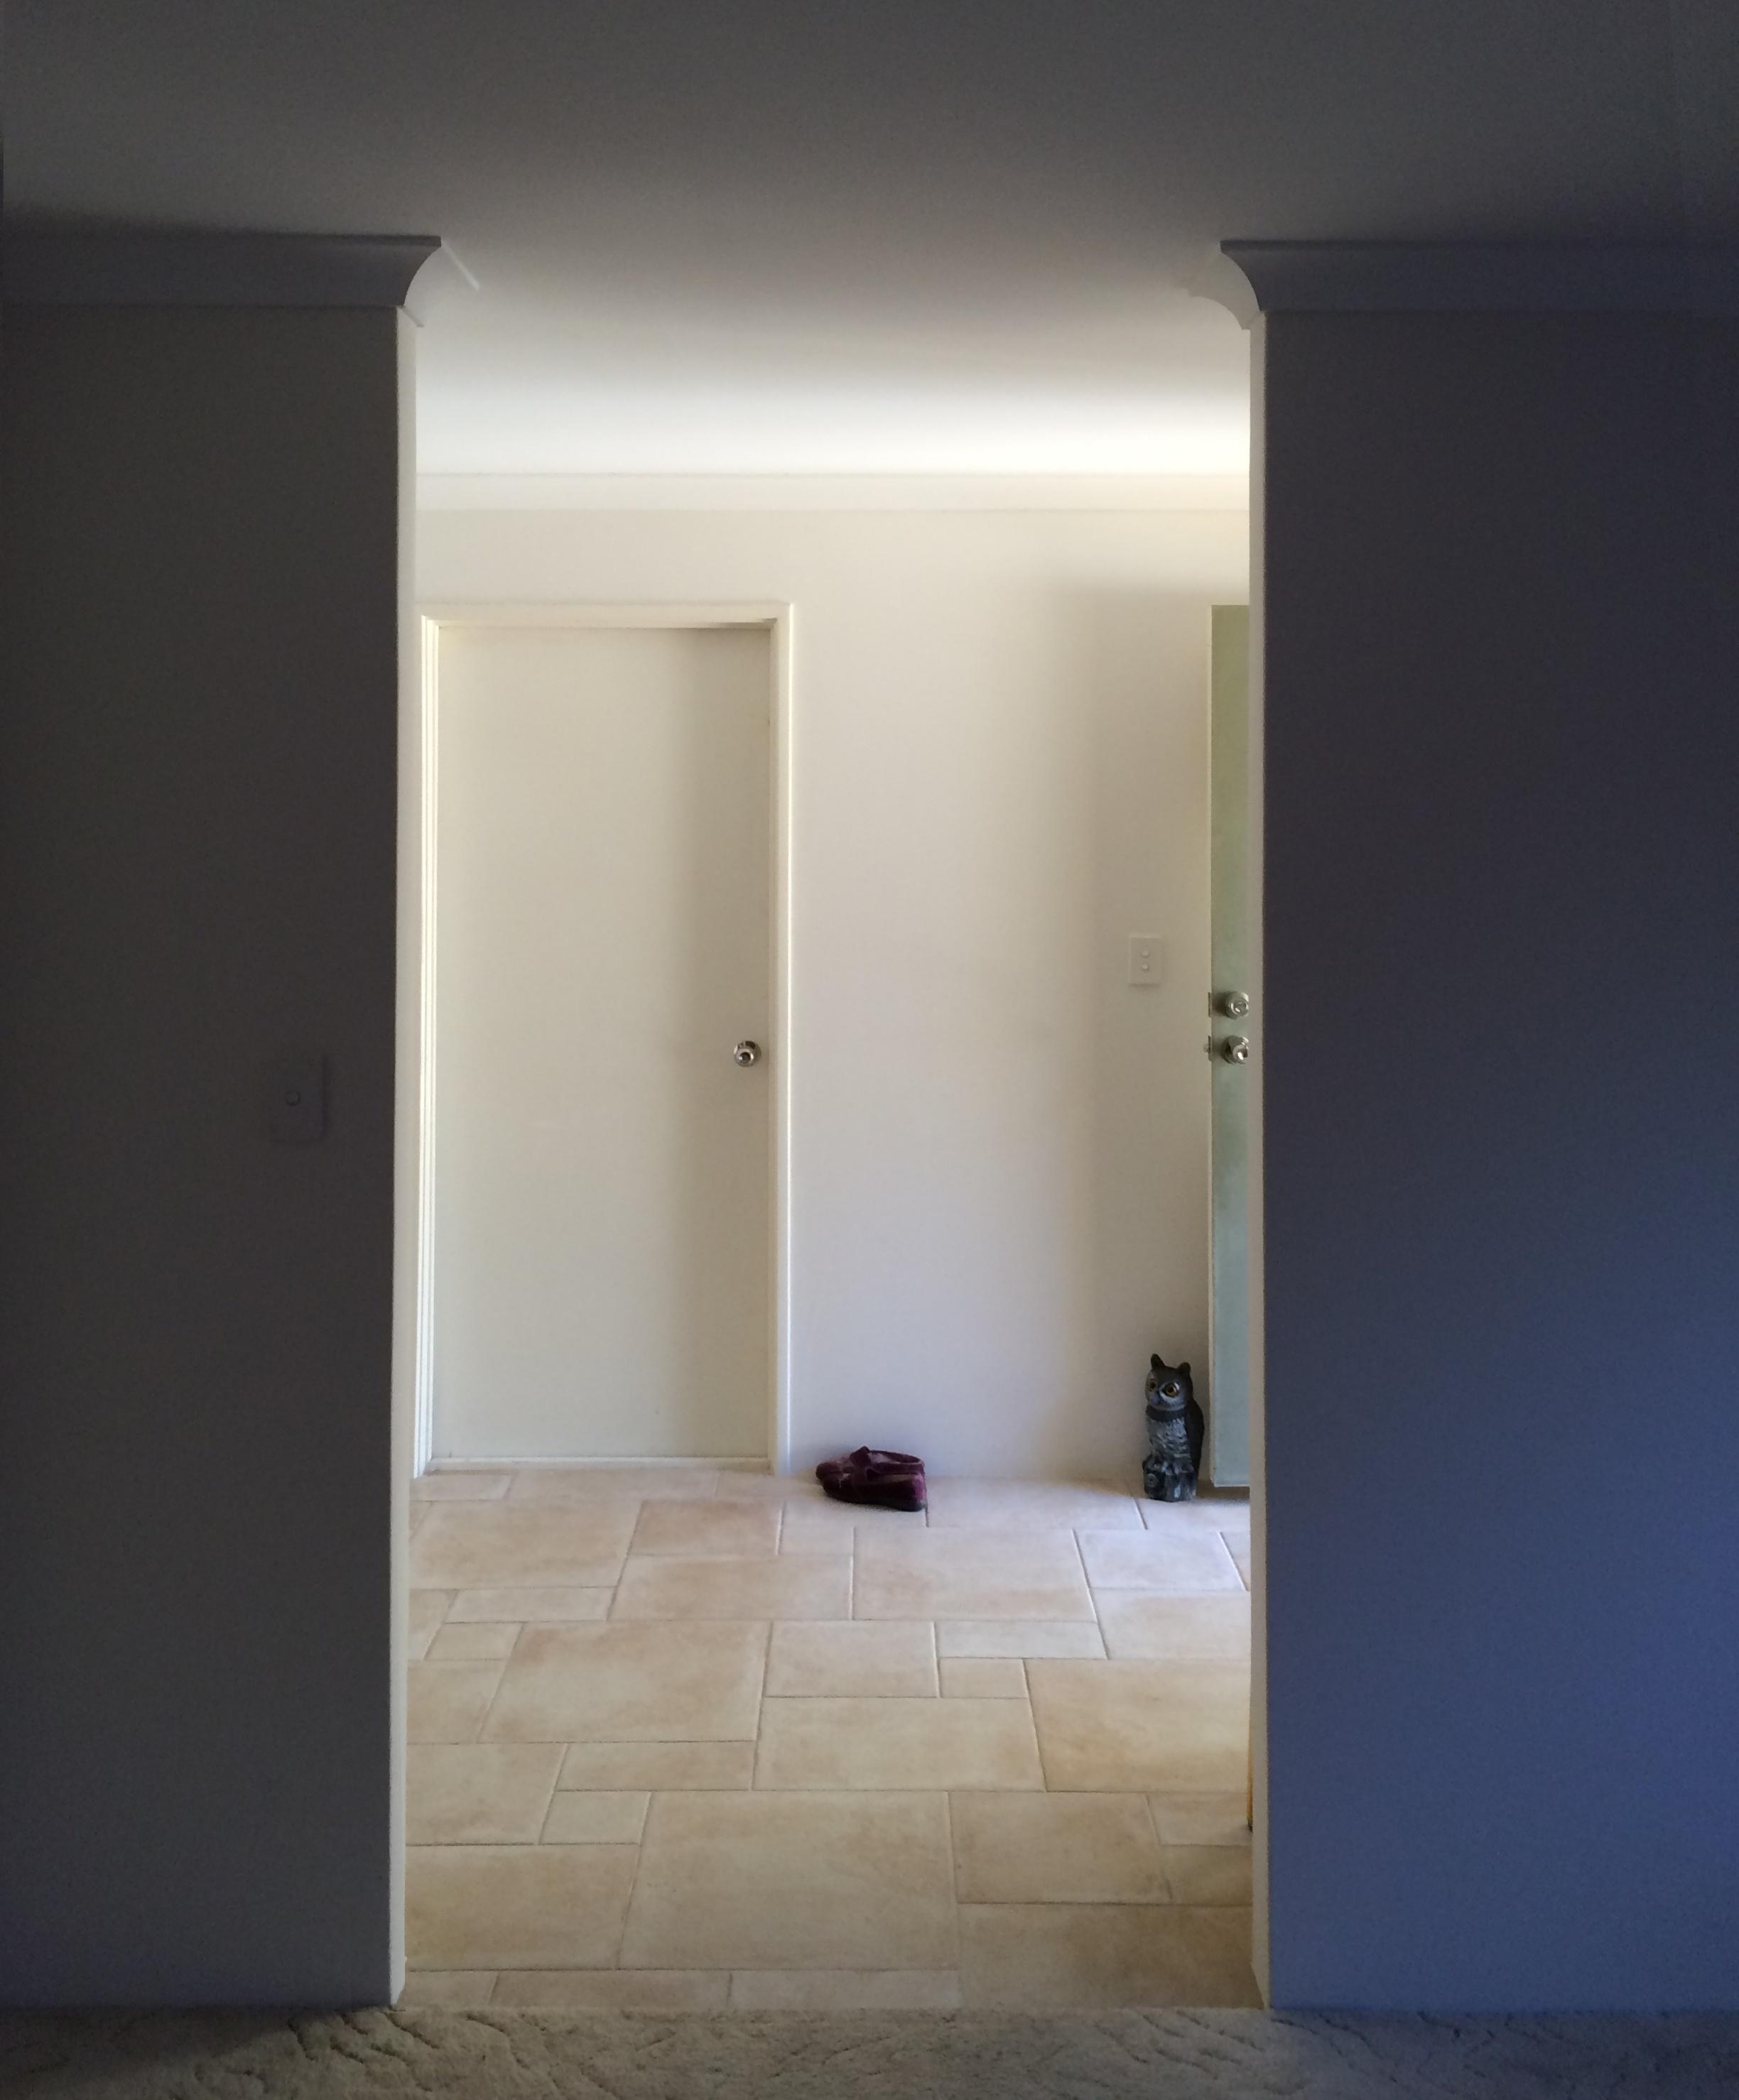 1 Light dbl door 2330 x 1180 before